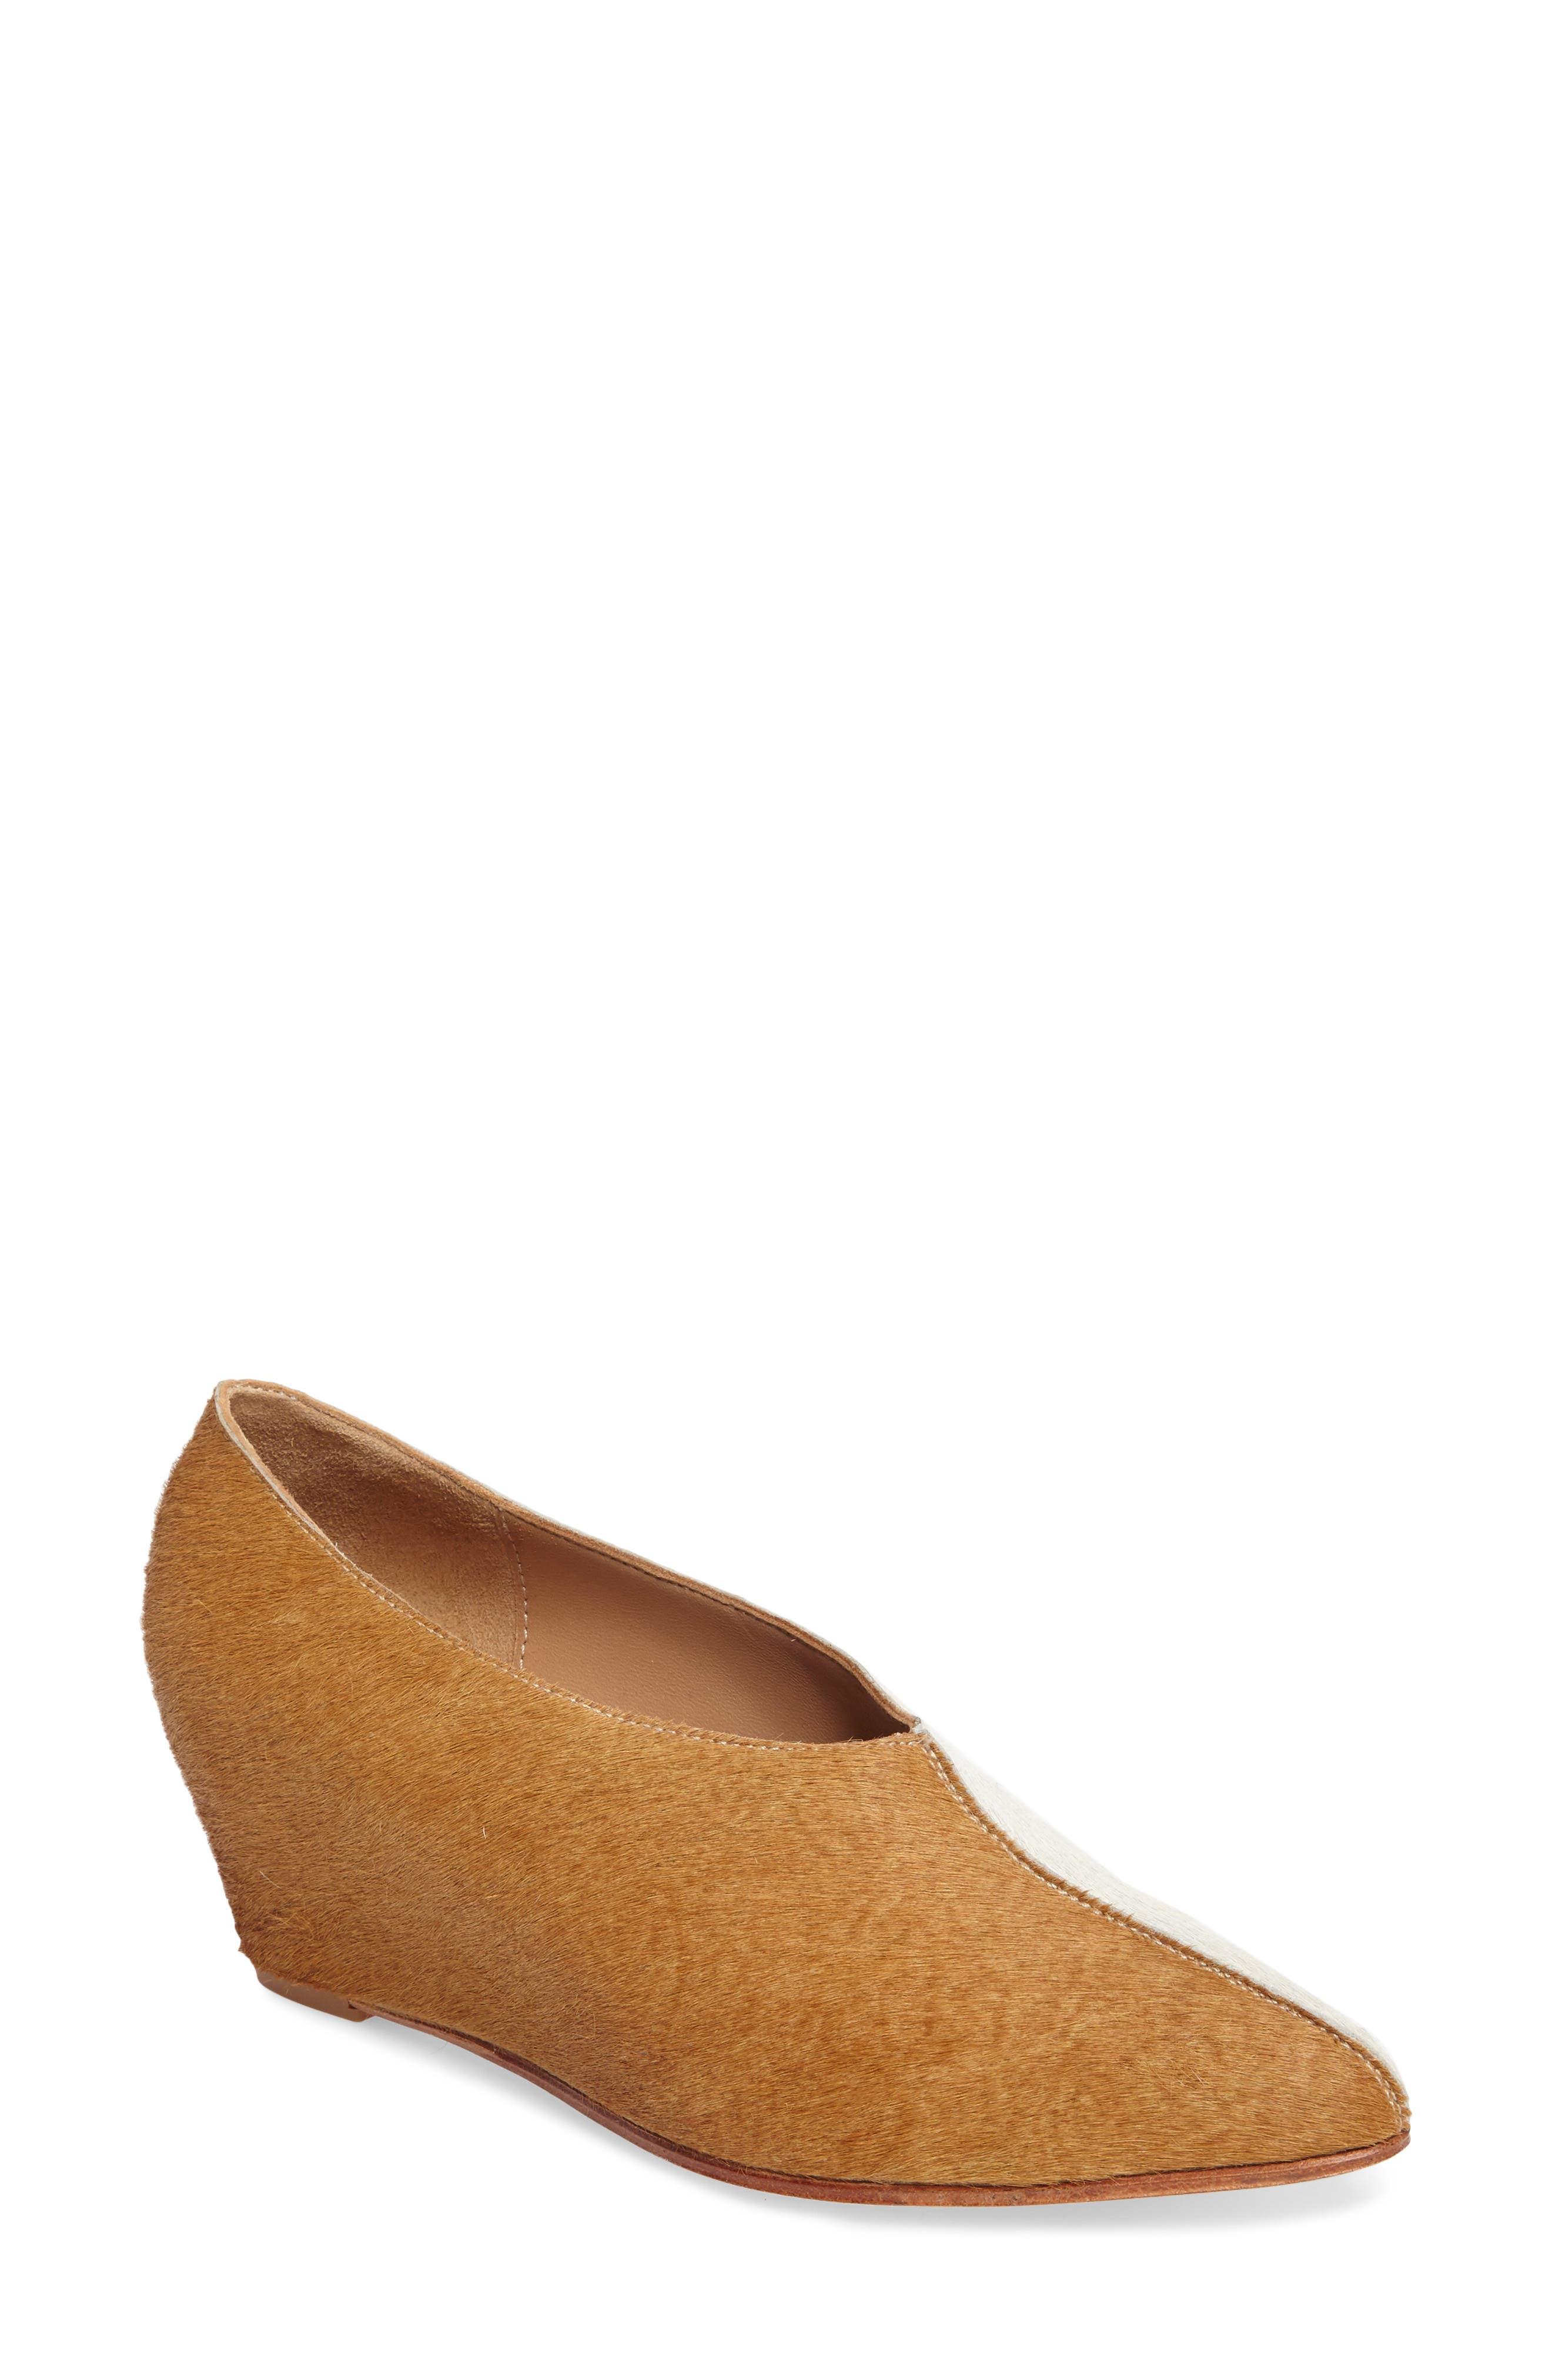 Lorenze Genuine Calf Hair Wedge,                             Main thumbnail 1, color,                             Cork/ White